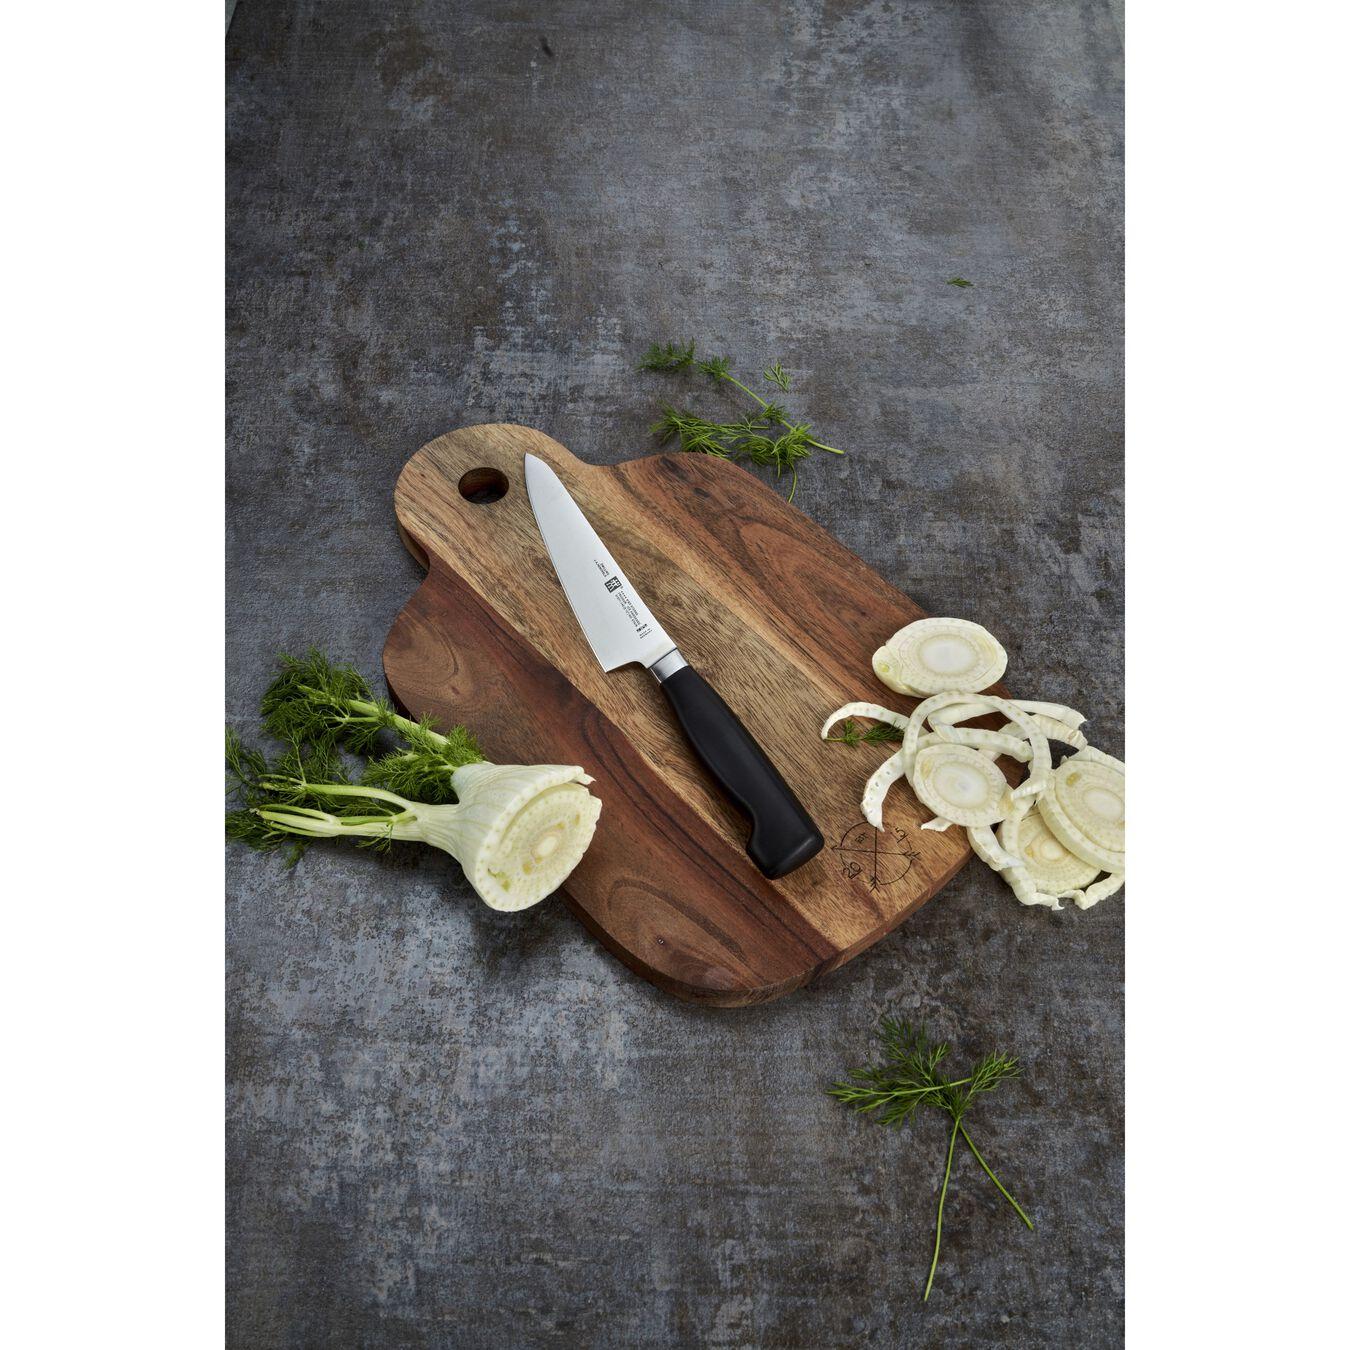 Coltello Chef compact liscio - 14 cm, forgiato, argento,,large 3